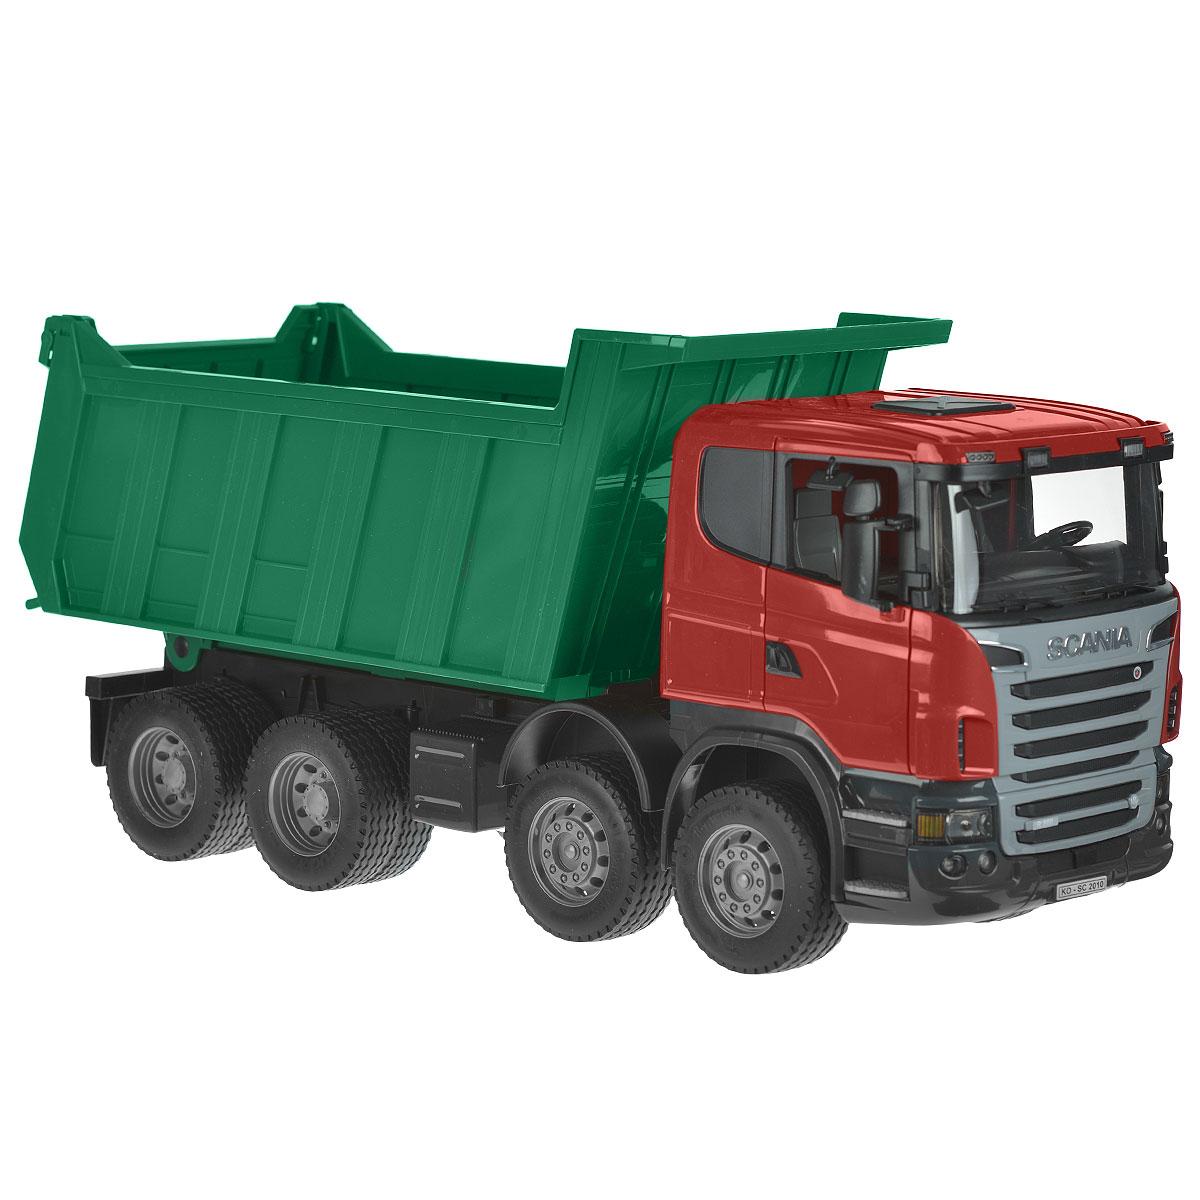 Bruder Самосвал Scania цвет зеленый красный03-550Самосвал Bruder Scania, выполненный из прочного безопасного материала красного и зеленого цветов, отлично подойдет ребенку для различных игр. Машина является уменьшенной копией самосвала фирмы Scania. Самосвал оснащен вместительным опрокидывающимся кузовом, задний борт которого открывается. Зеркала складываются. В кабину помещается небольшая игрушка. Прорезиненные колеса обеспечивают машине устойчивость и хорошую проходимость. К самосвалу подходит модуль со световыми и звуковыми эффектами (не входит в комплект). Ваш юный строитель сможет прекрасно провести время дома или на улице, воспроизводя свою стройку.